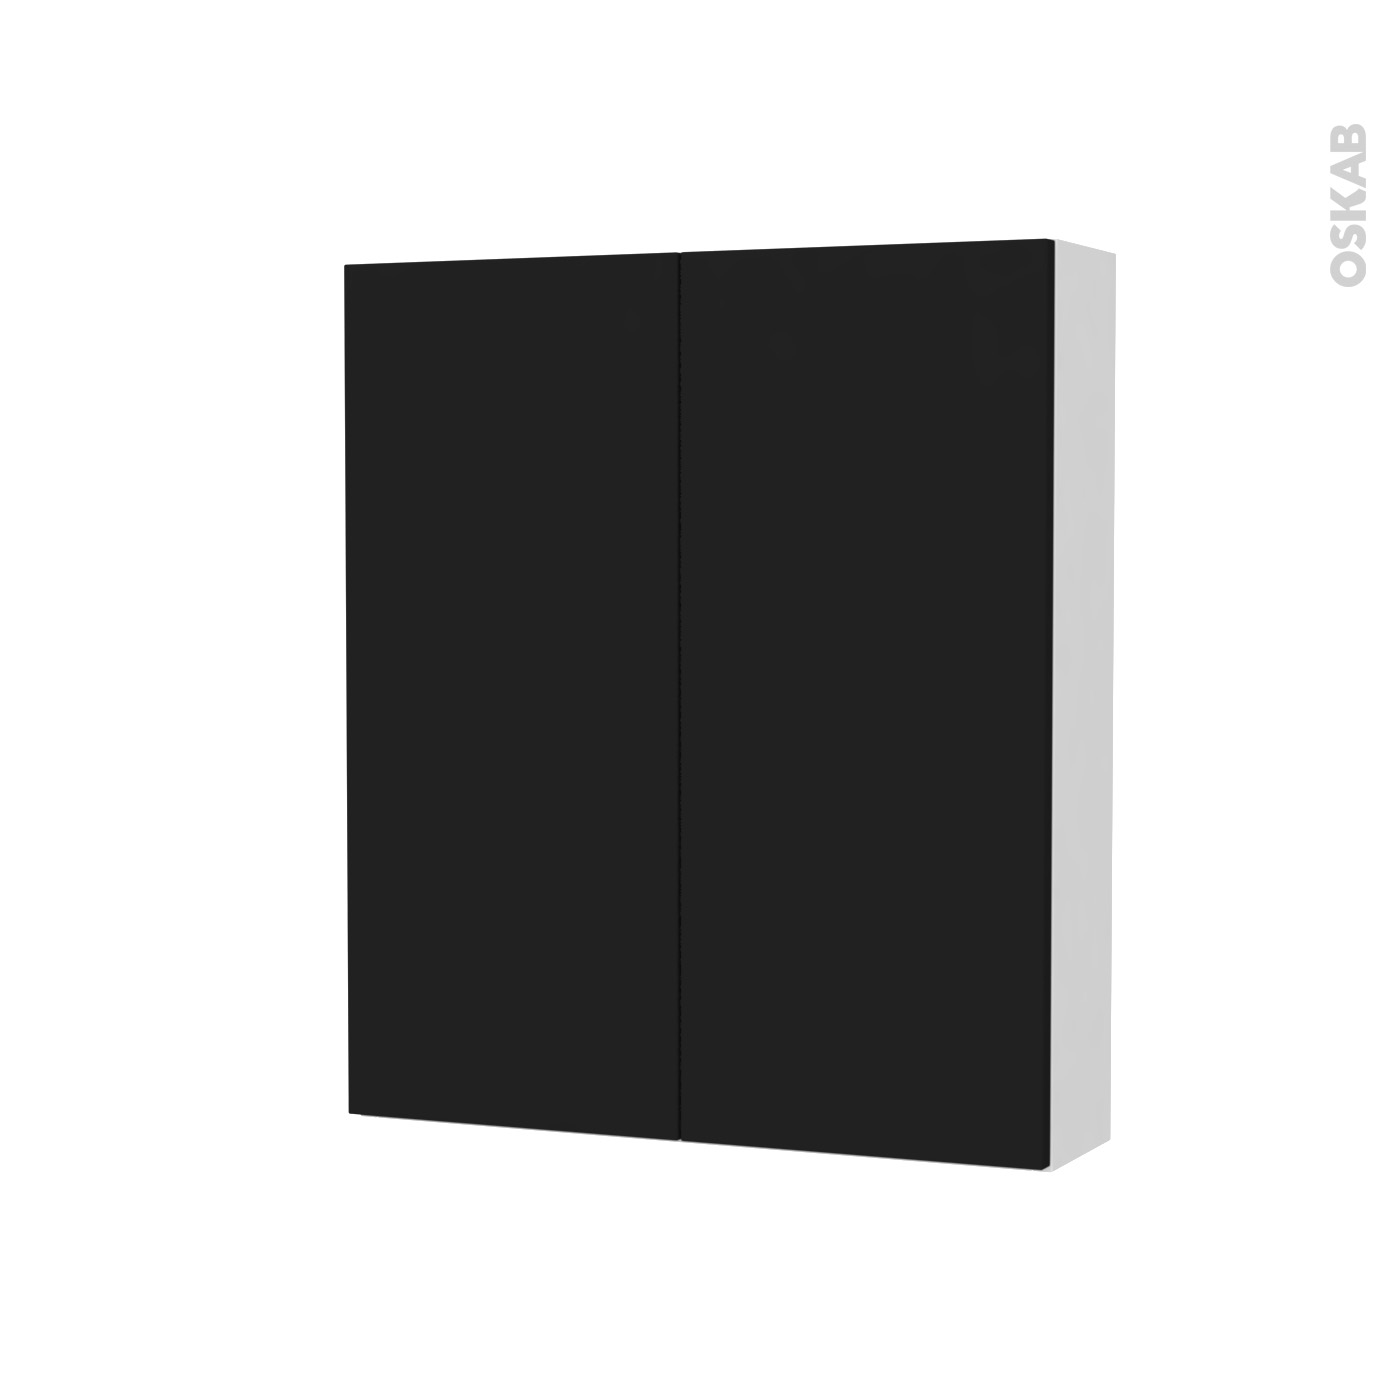 Hauteur Armoire De Toilette armoire de toilette rangement haut ginko noir, 2 portes, côtés blancs, l60  x h70 x p17 cm